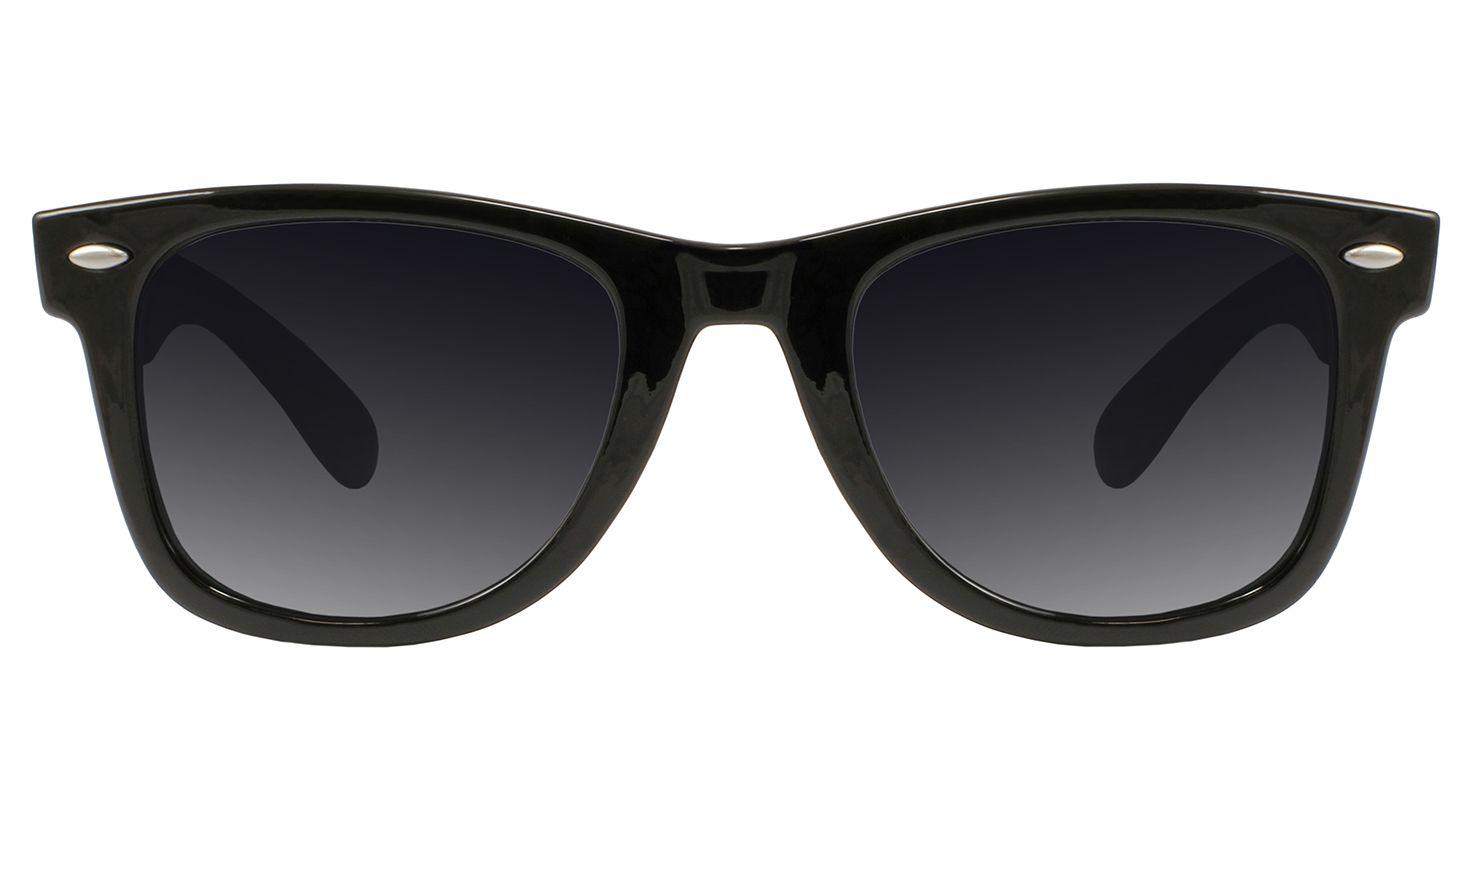 Brink Sun 1 Prescription Sunglasses Prescription Sunglasses Sunglasses Buy Contact Lenses